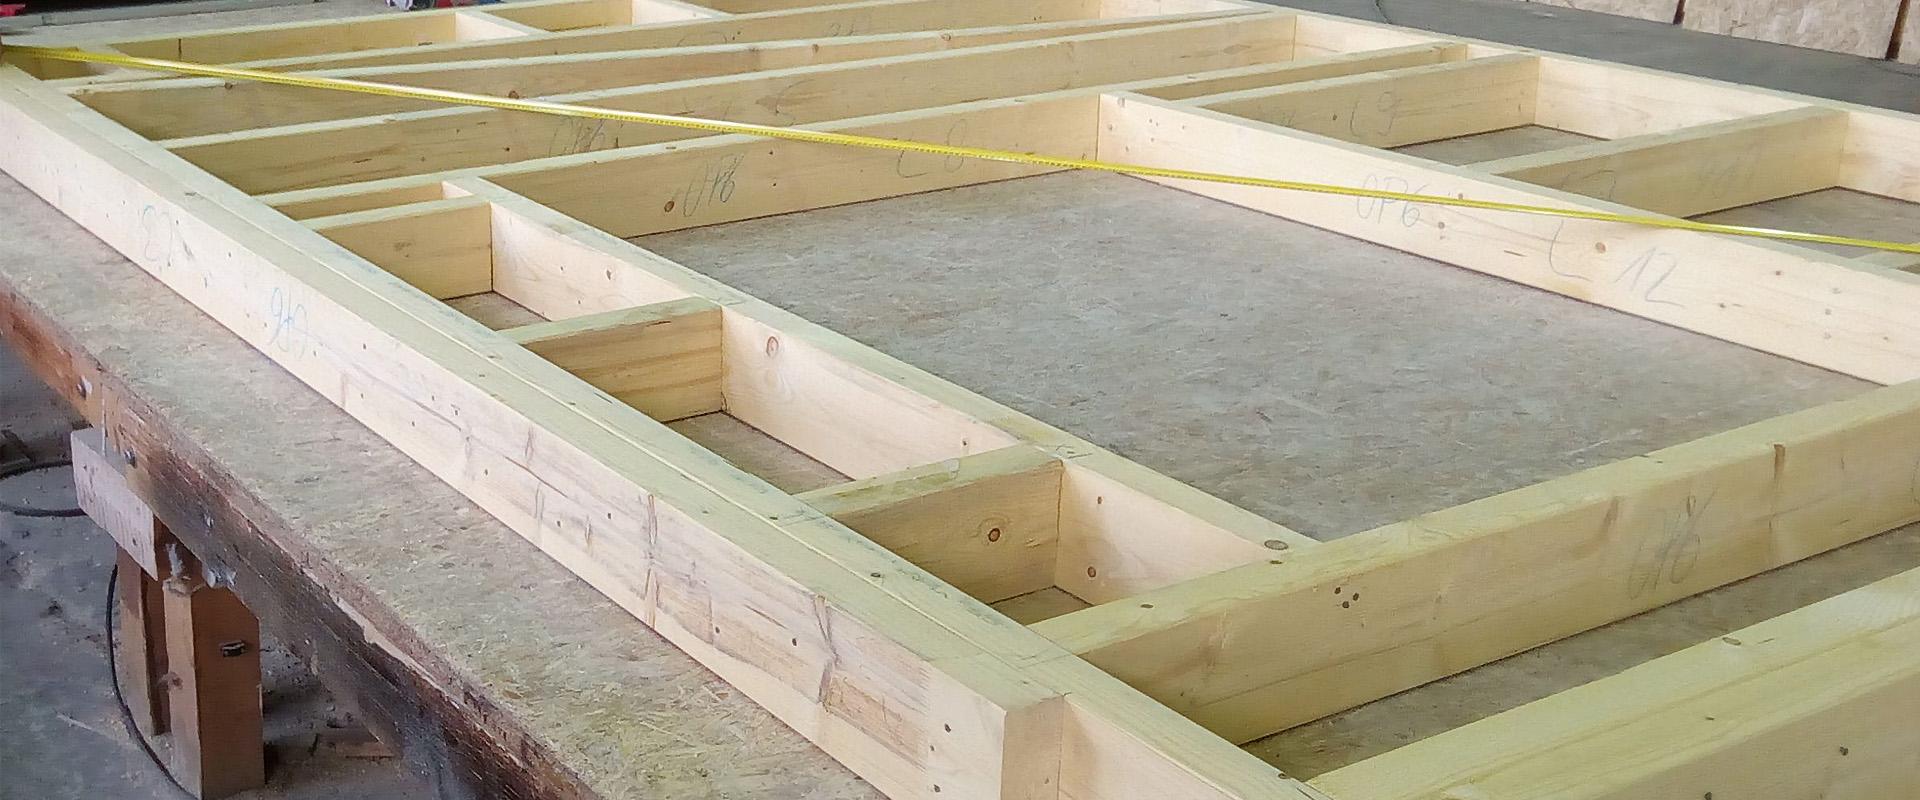 Vo vlastnej výrobnej hale pripravujeme všetky potrebné komponenty k našim stavbám